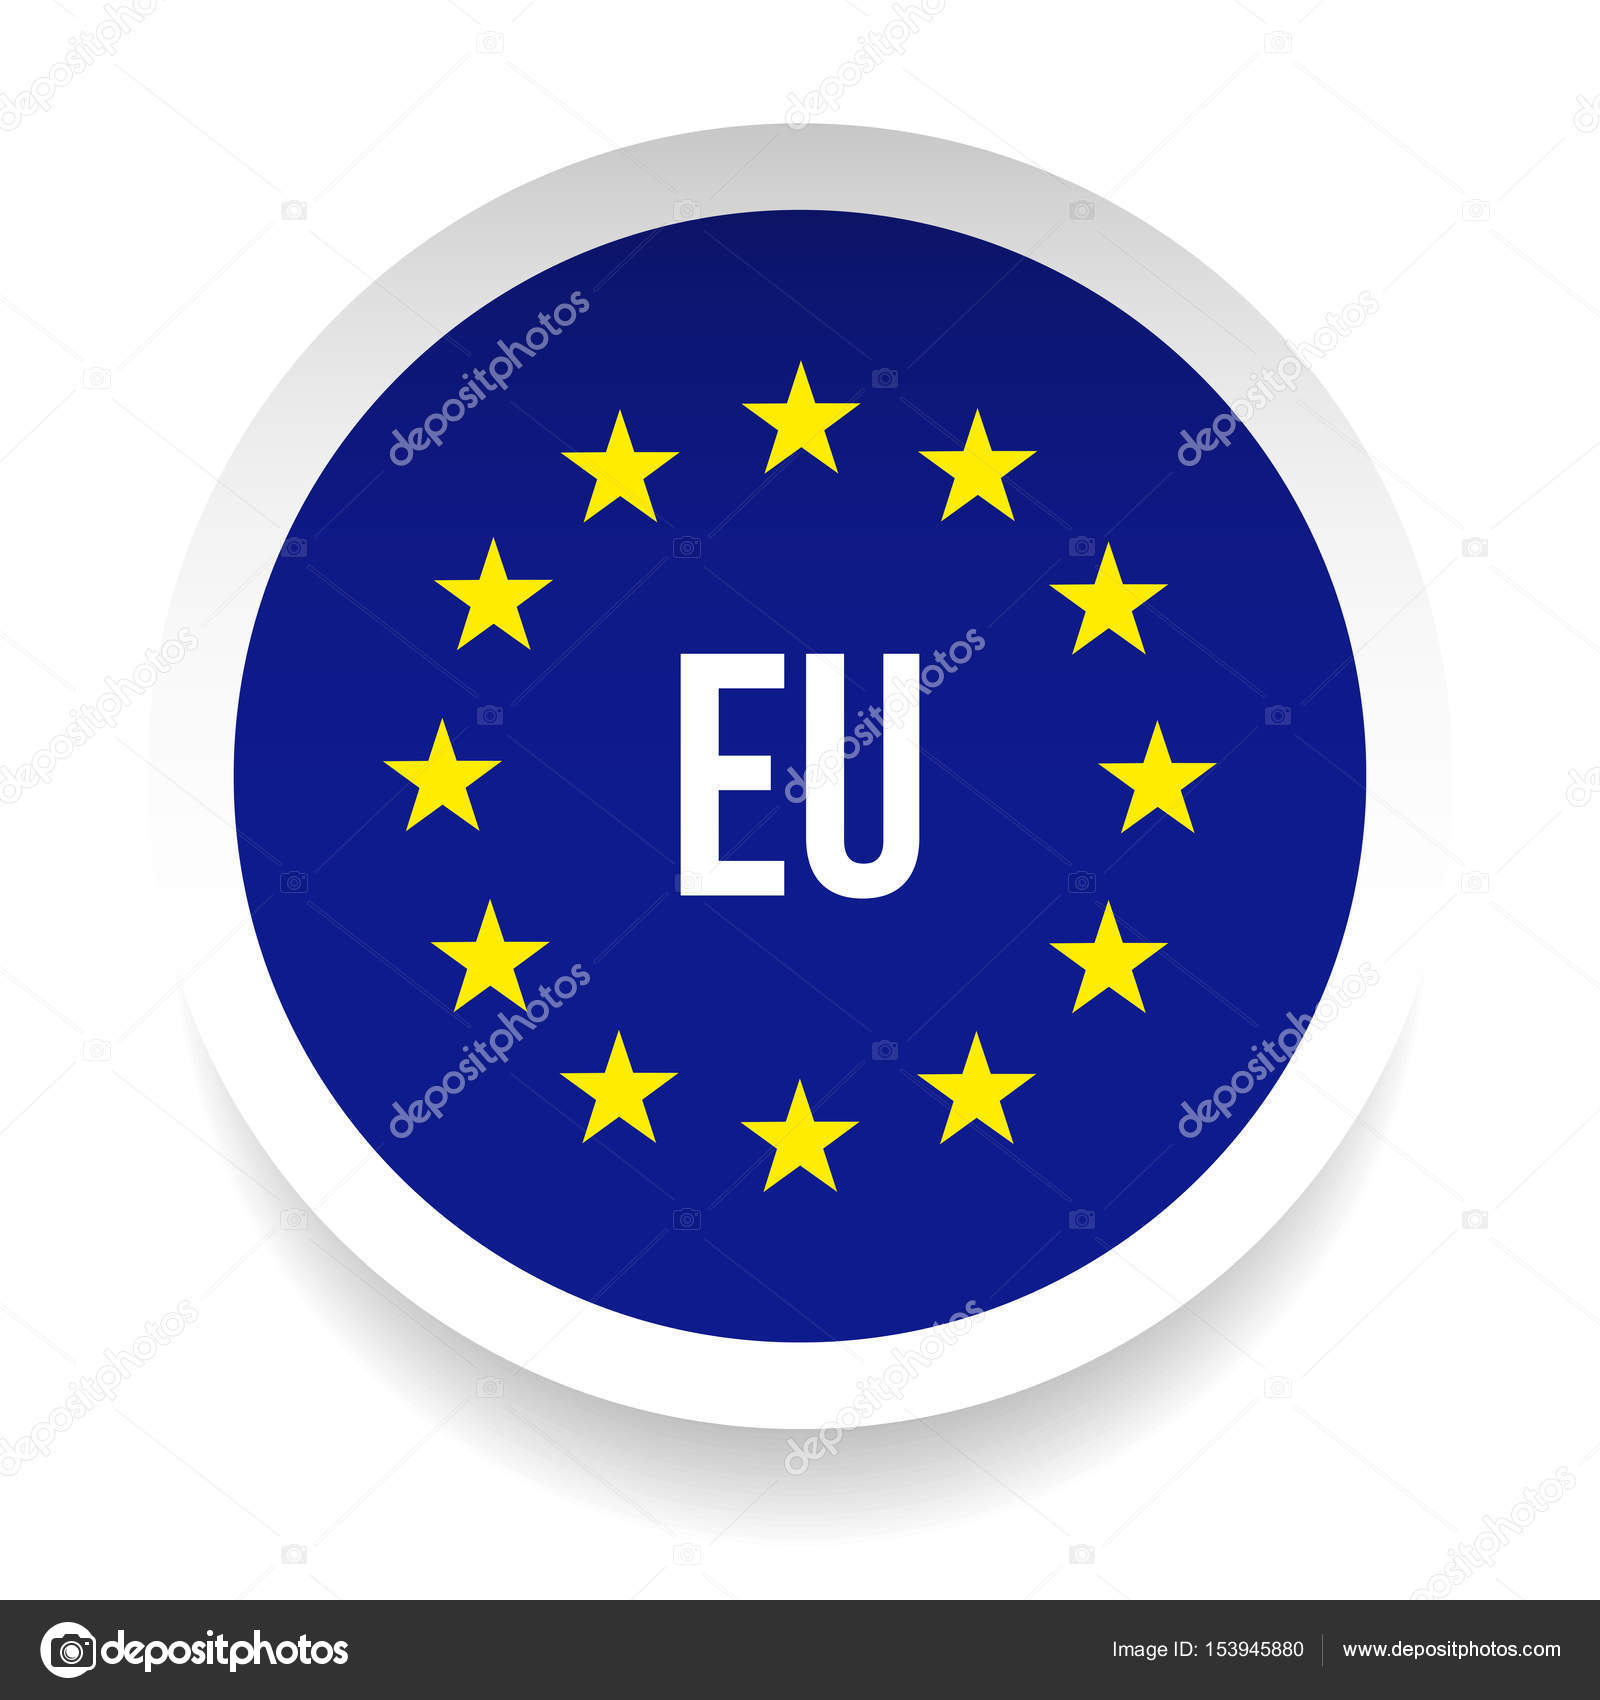 ЕС Ев�опей�кий �о�з лого�ип �имвол � Век�о�ное